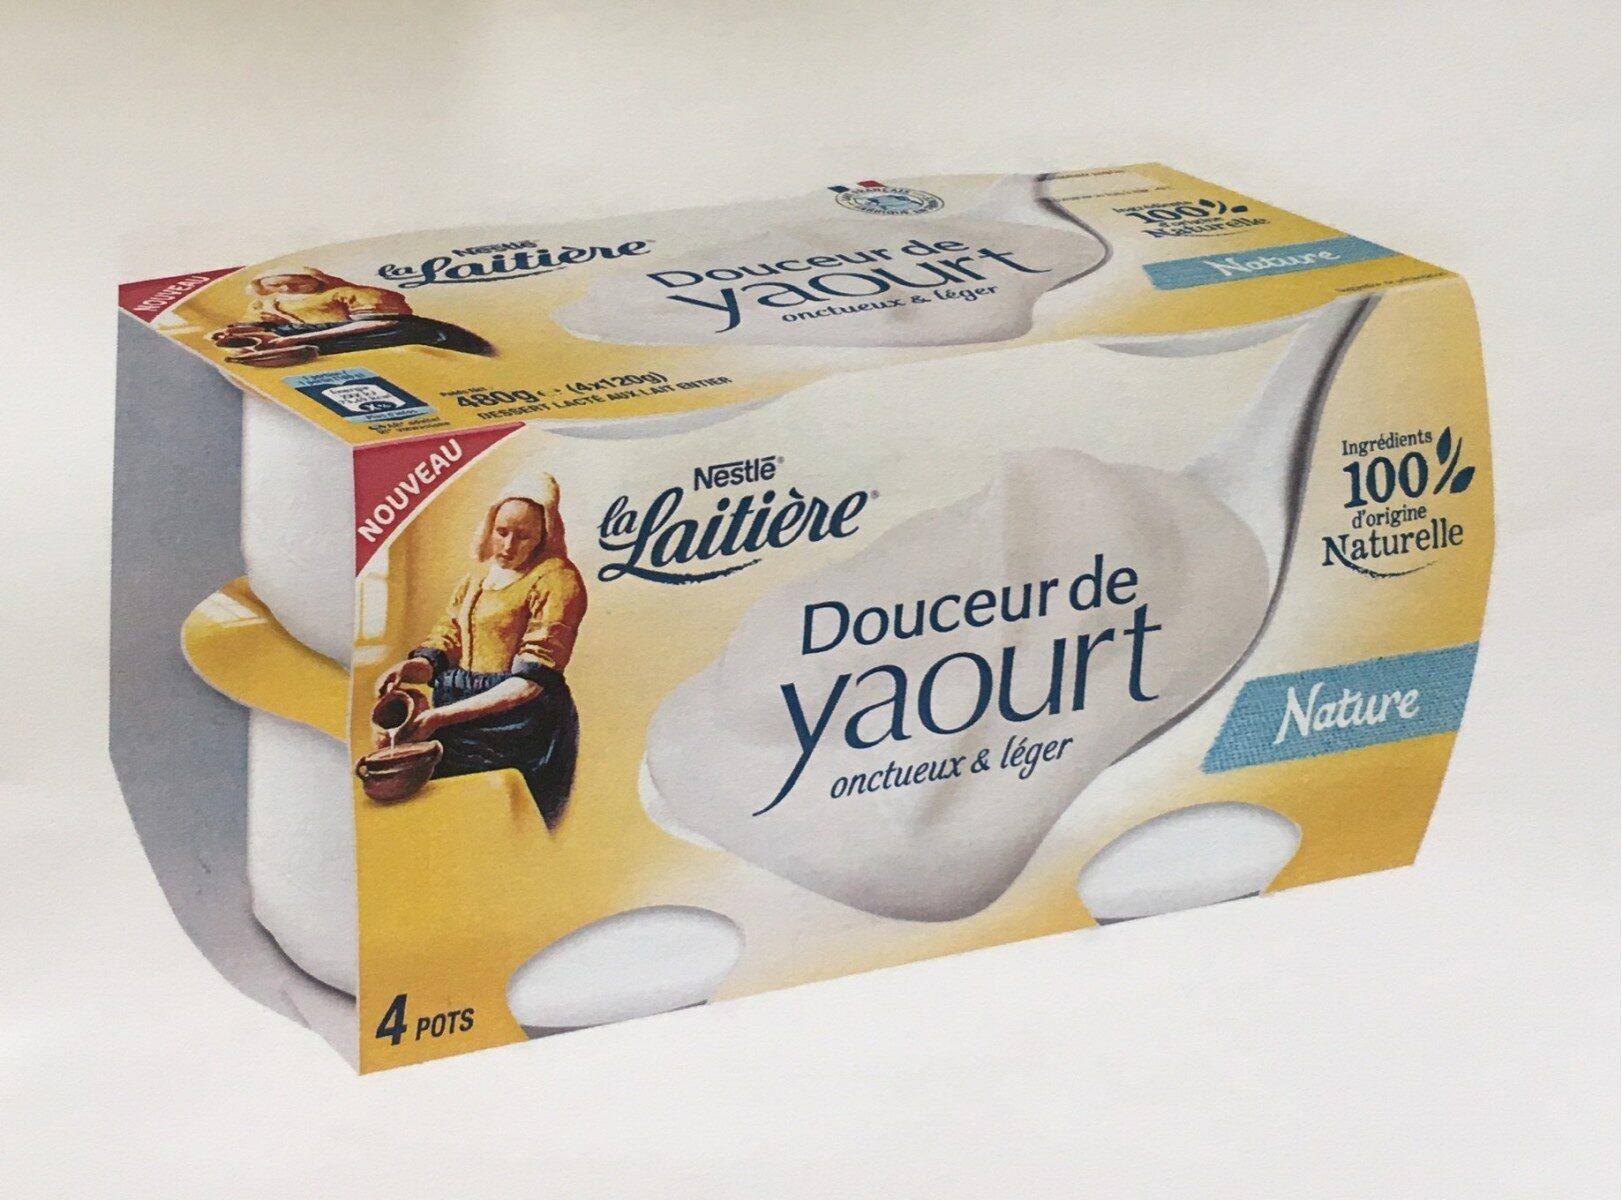 Douceur de yaourt nature - Product